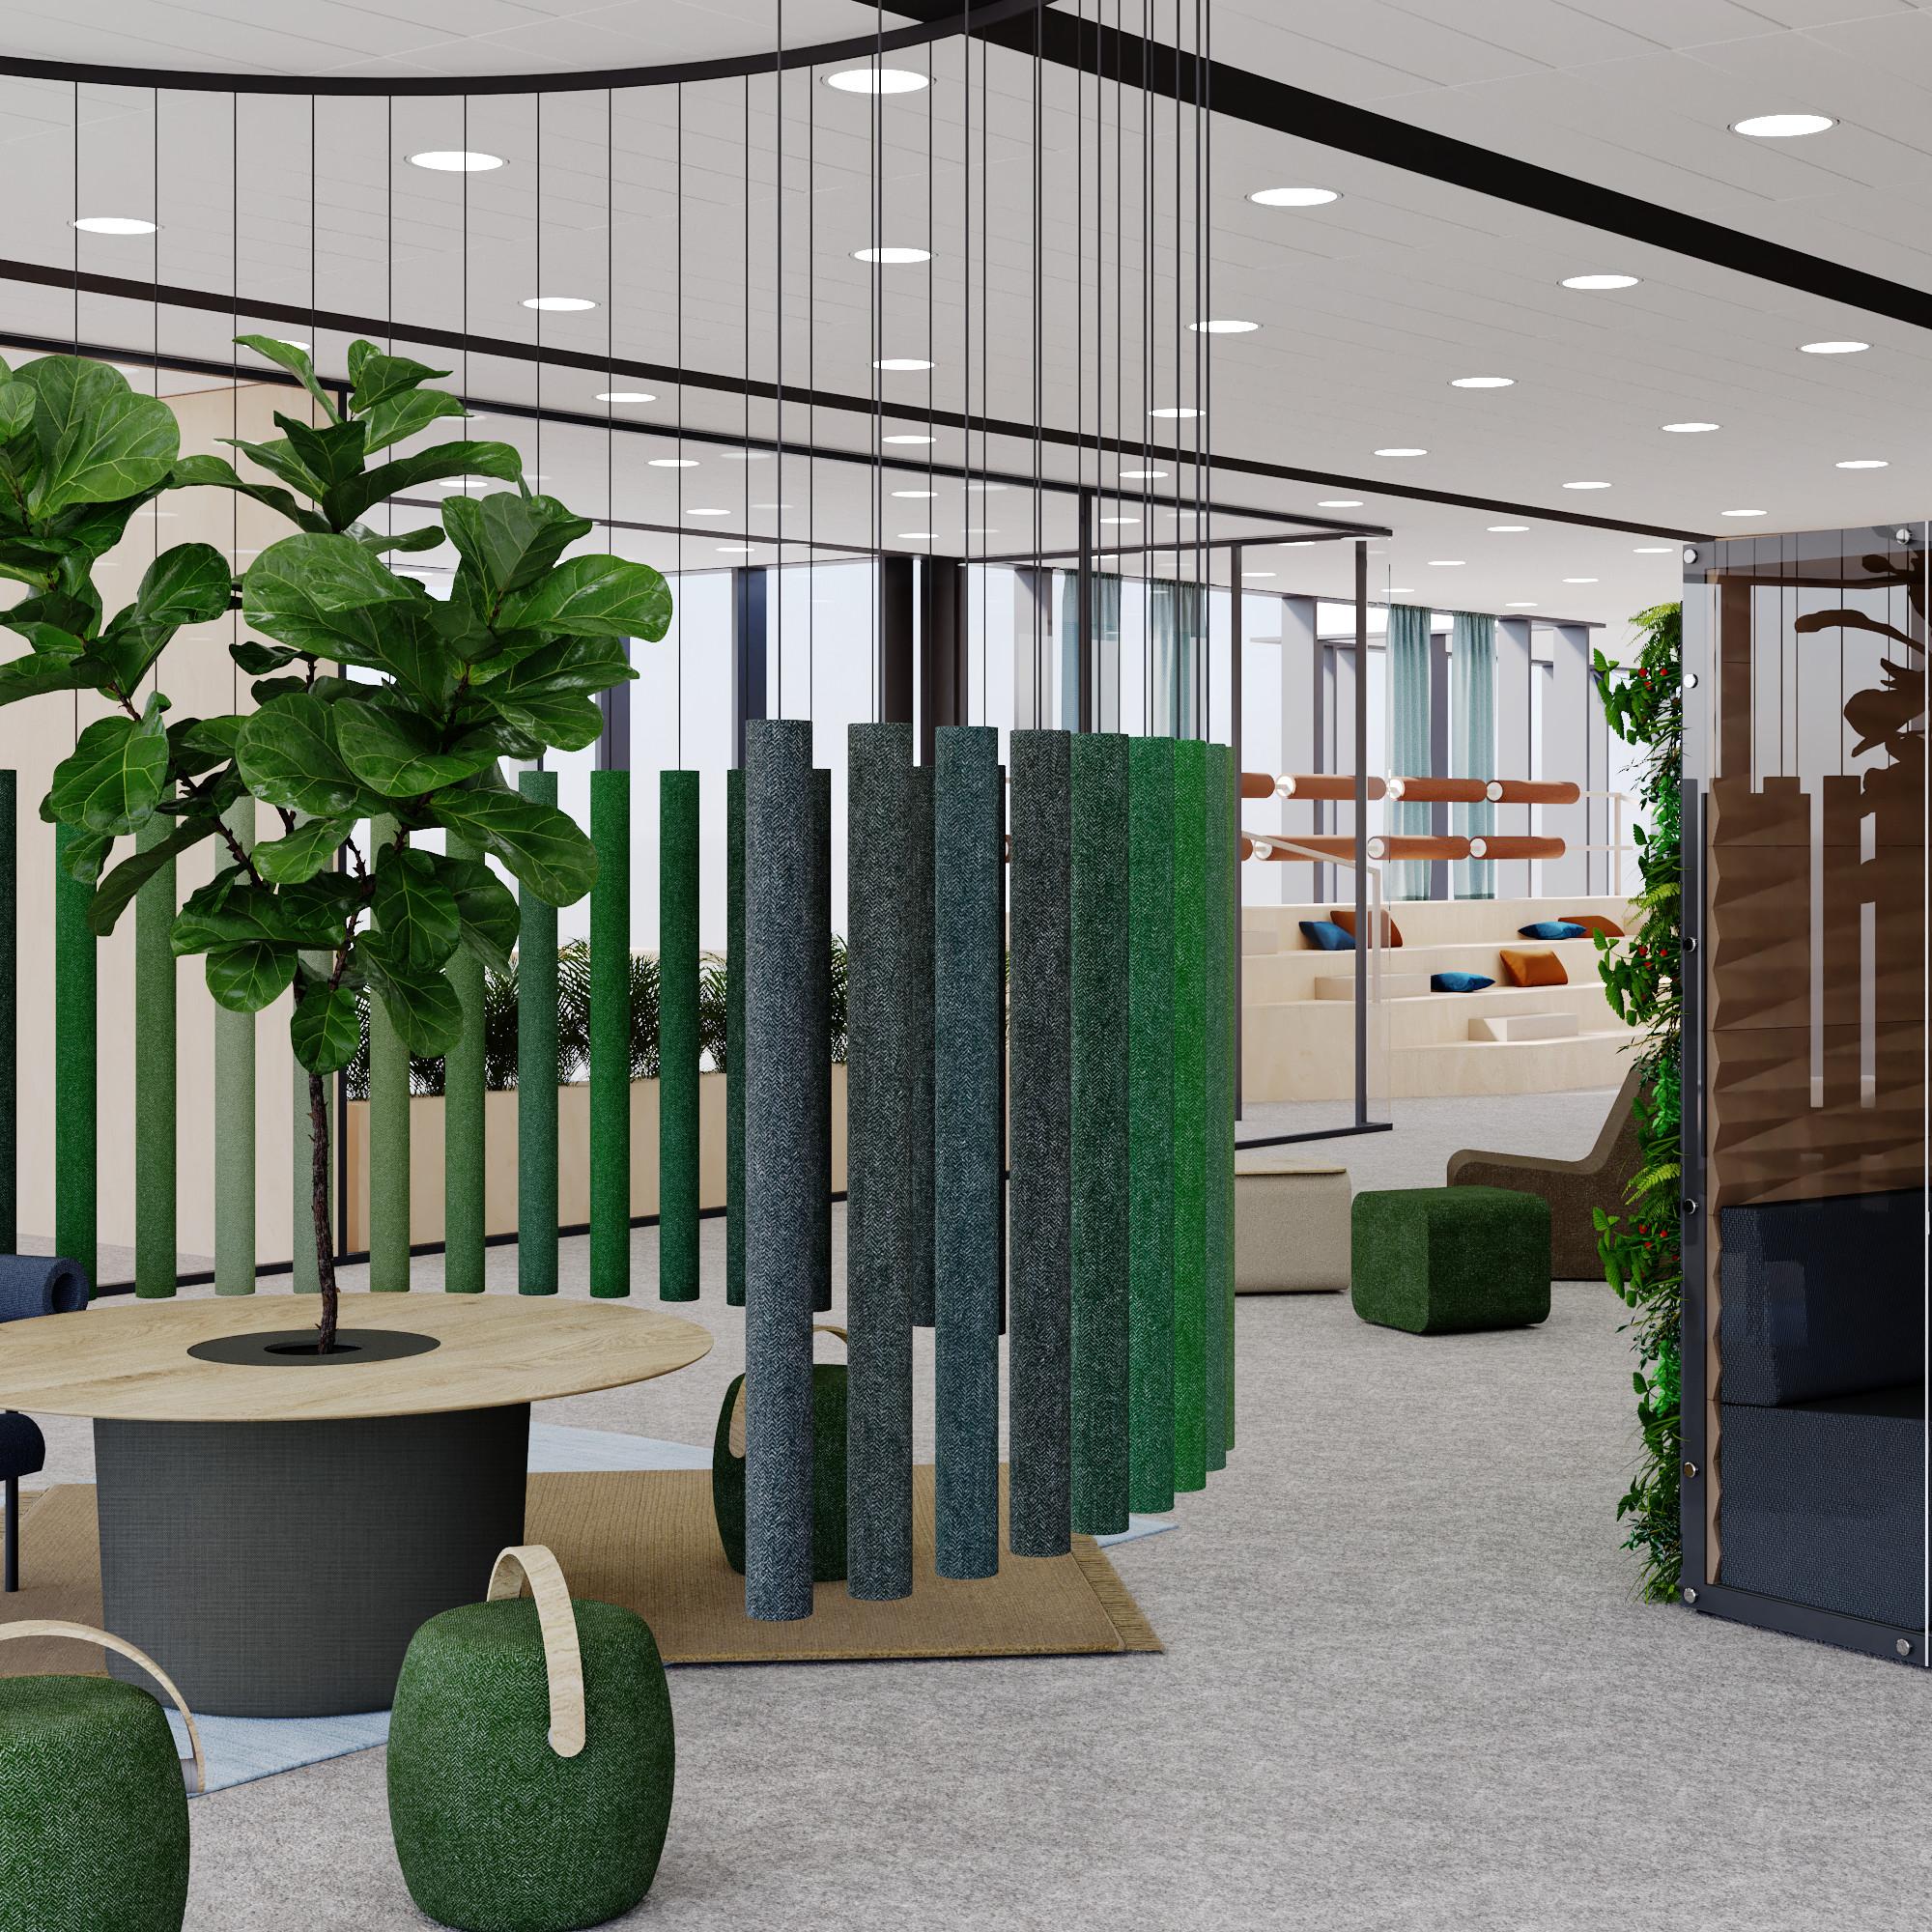 Sala spotkań typu brainstorming przy zieleni zodgrodzeniem ścian akustycznych